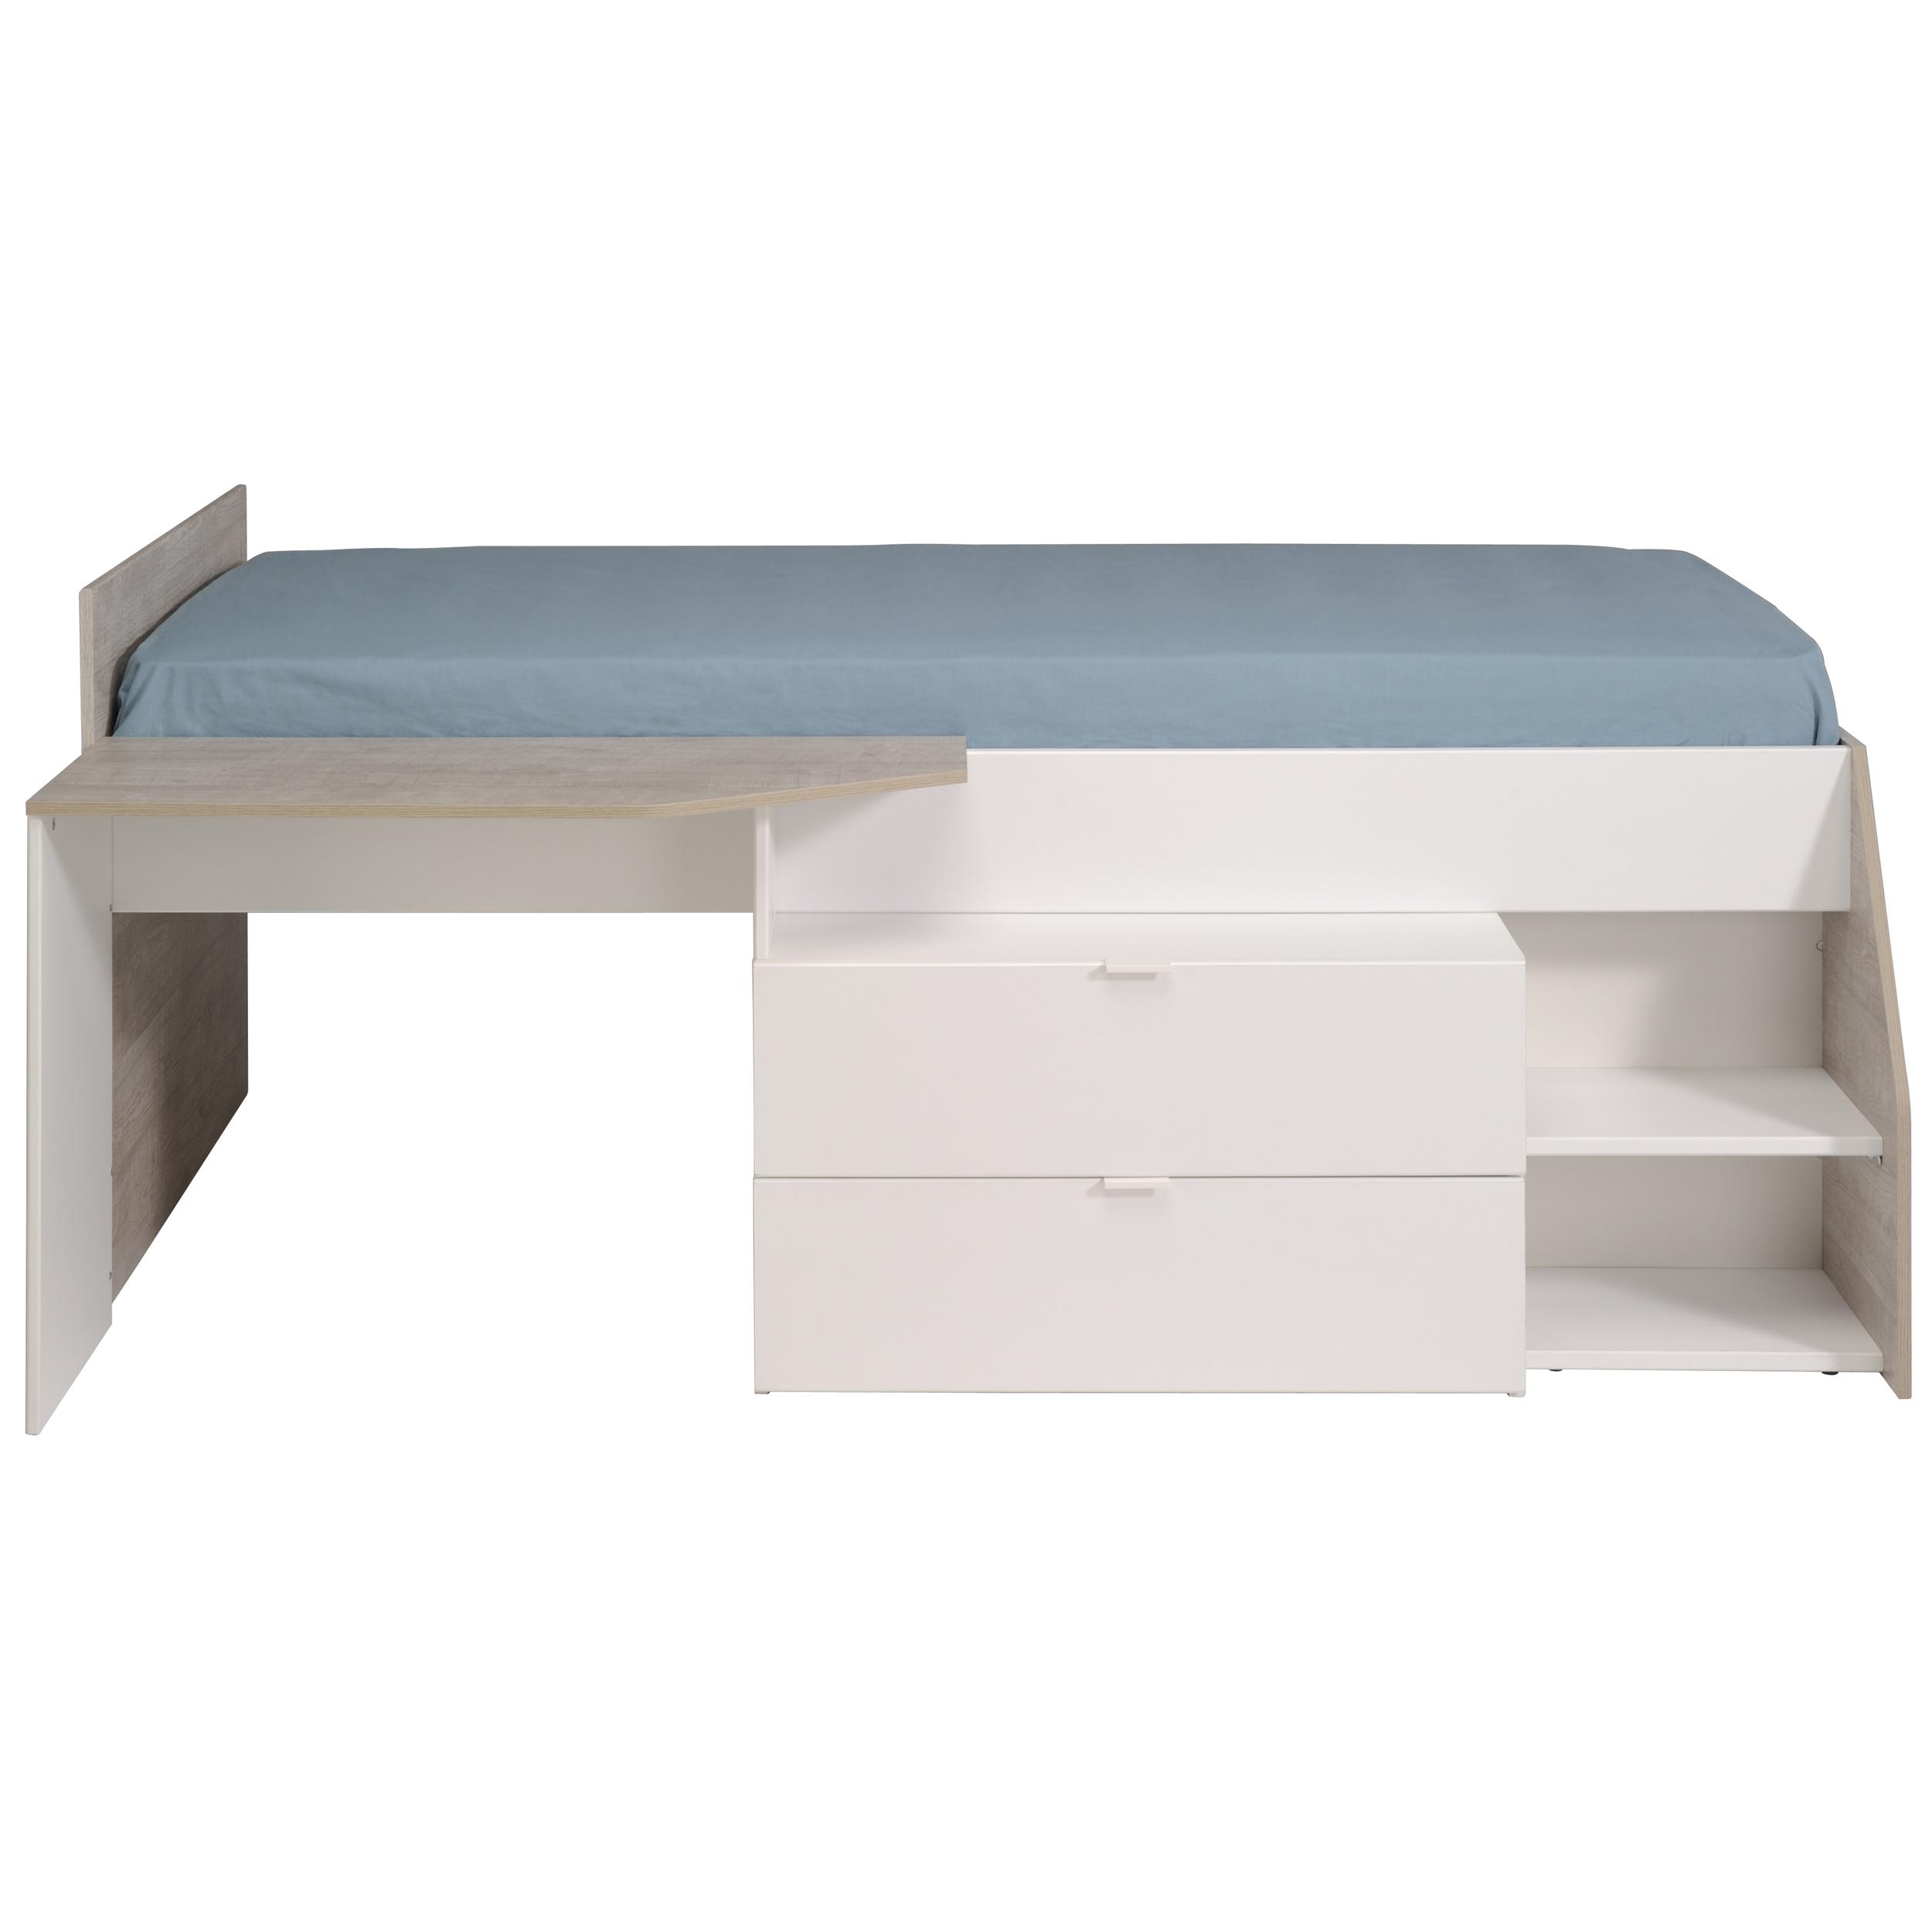 90x200 Hochbett inkl Schreibtisch u 2 Schubladen Milky a von ...